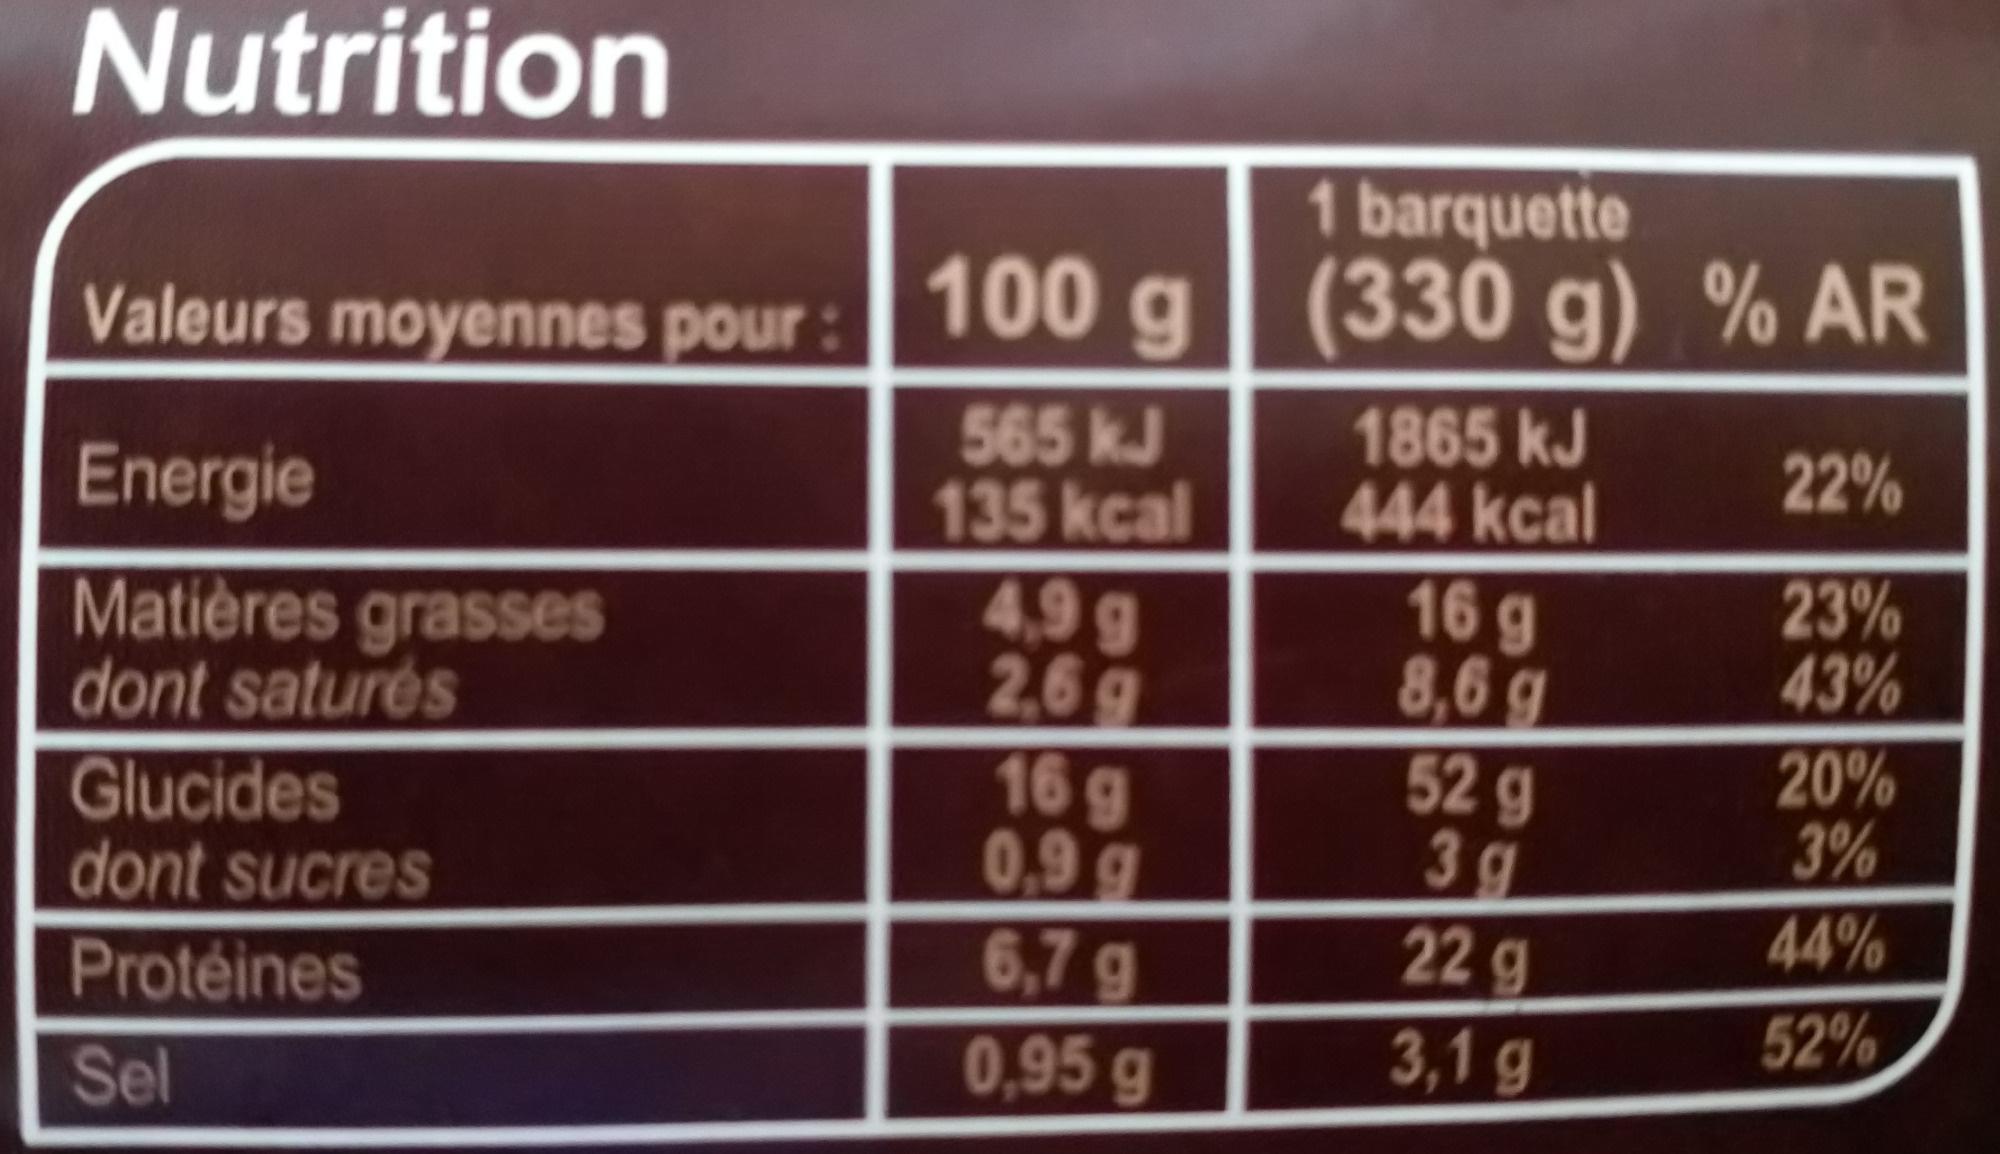 Blanquette de veau et son riz - Nutrition facts